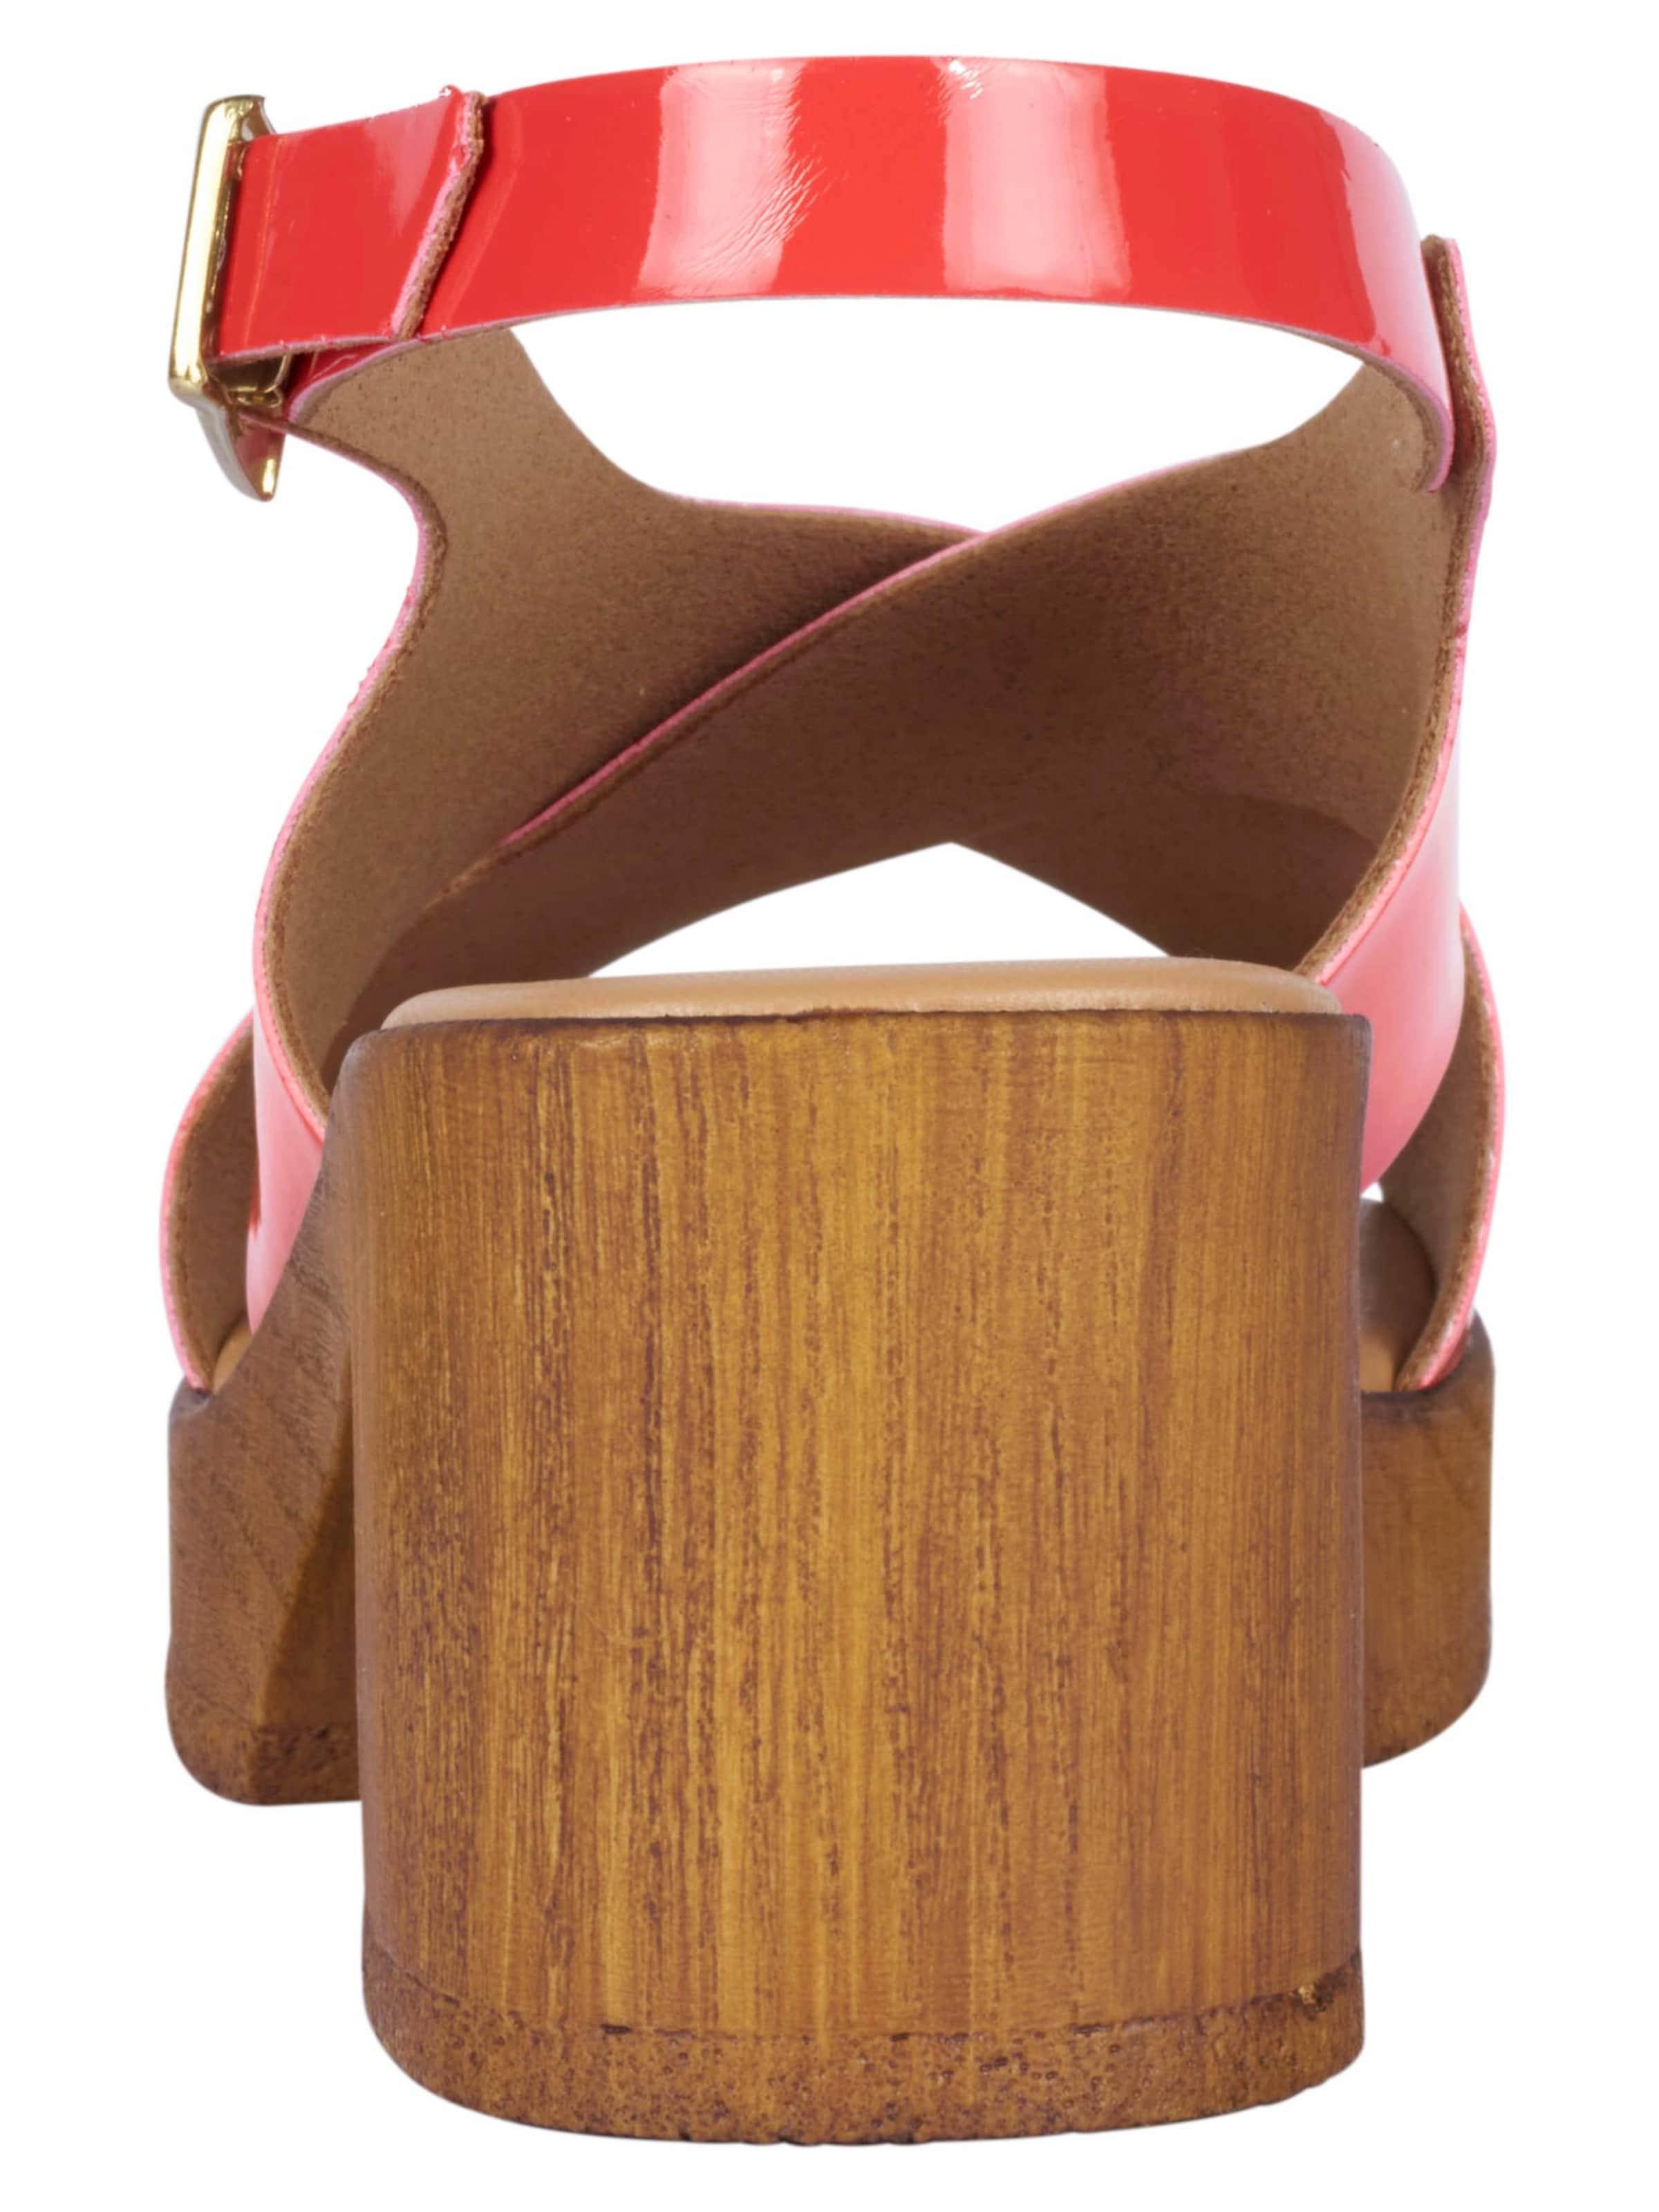 heine Sandalette in Lack-Optik Outlet Beliebt Günstig Kaufen Ebay Günstig Kaufen Angebot wFfy3